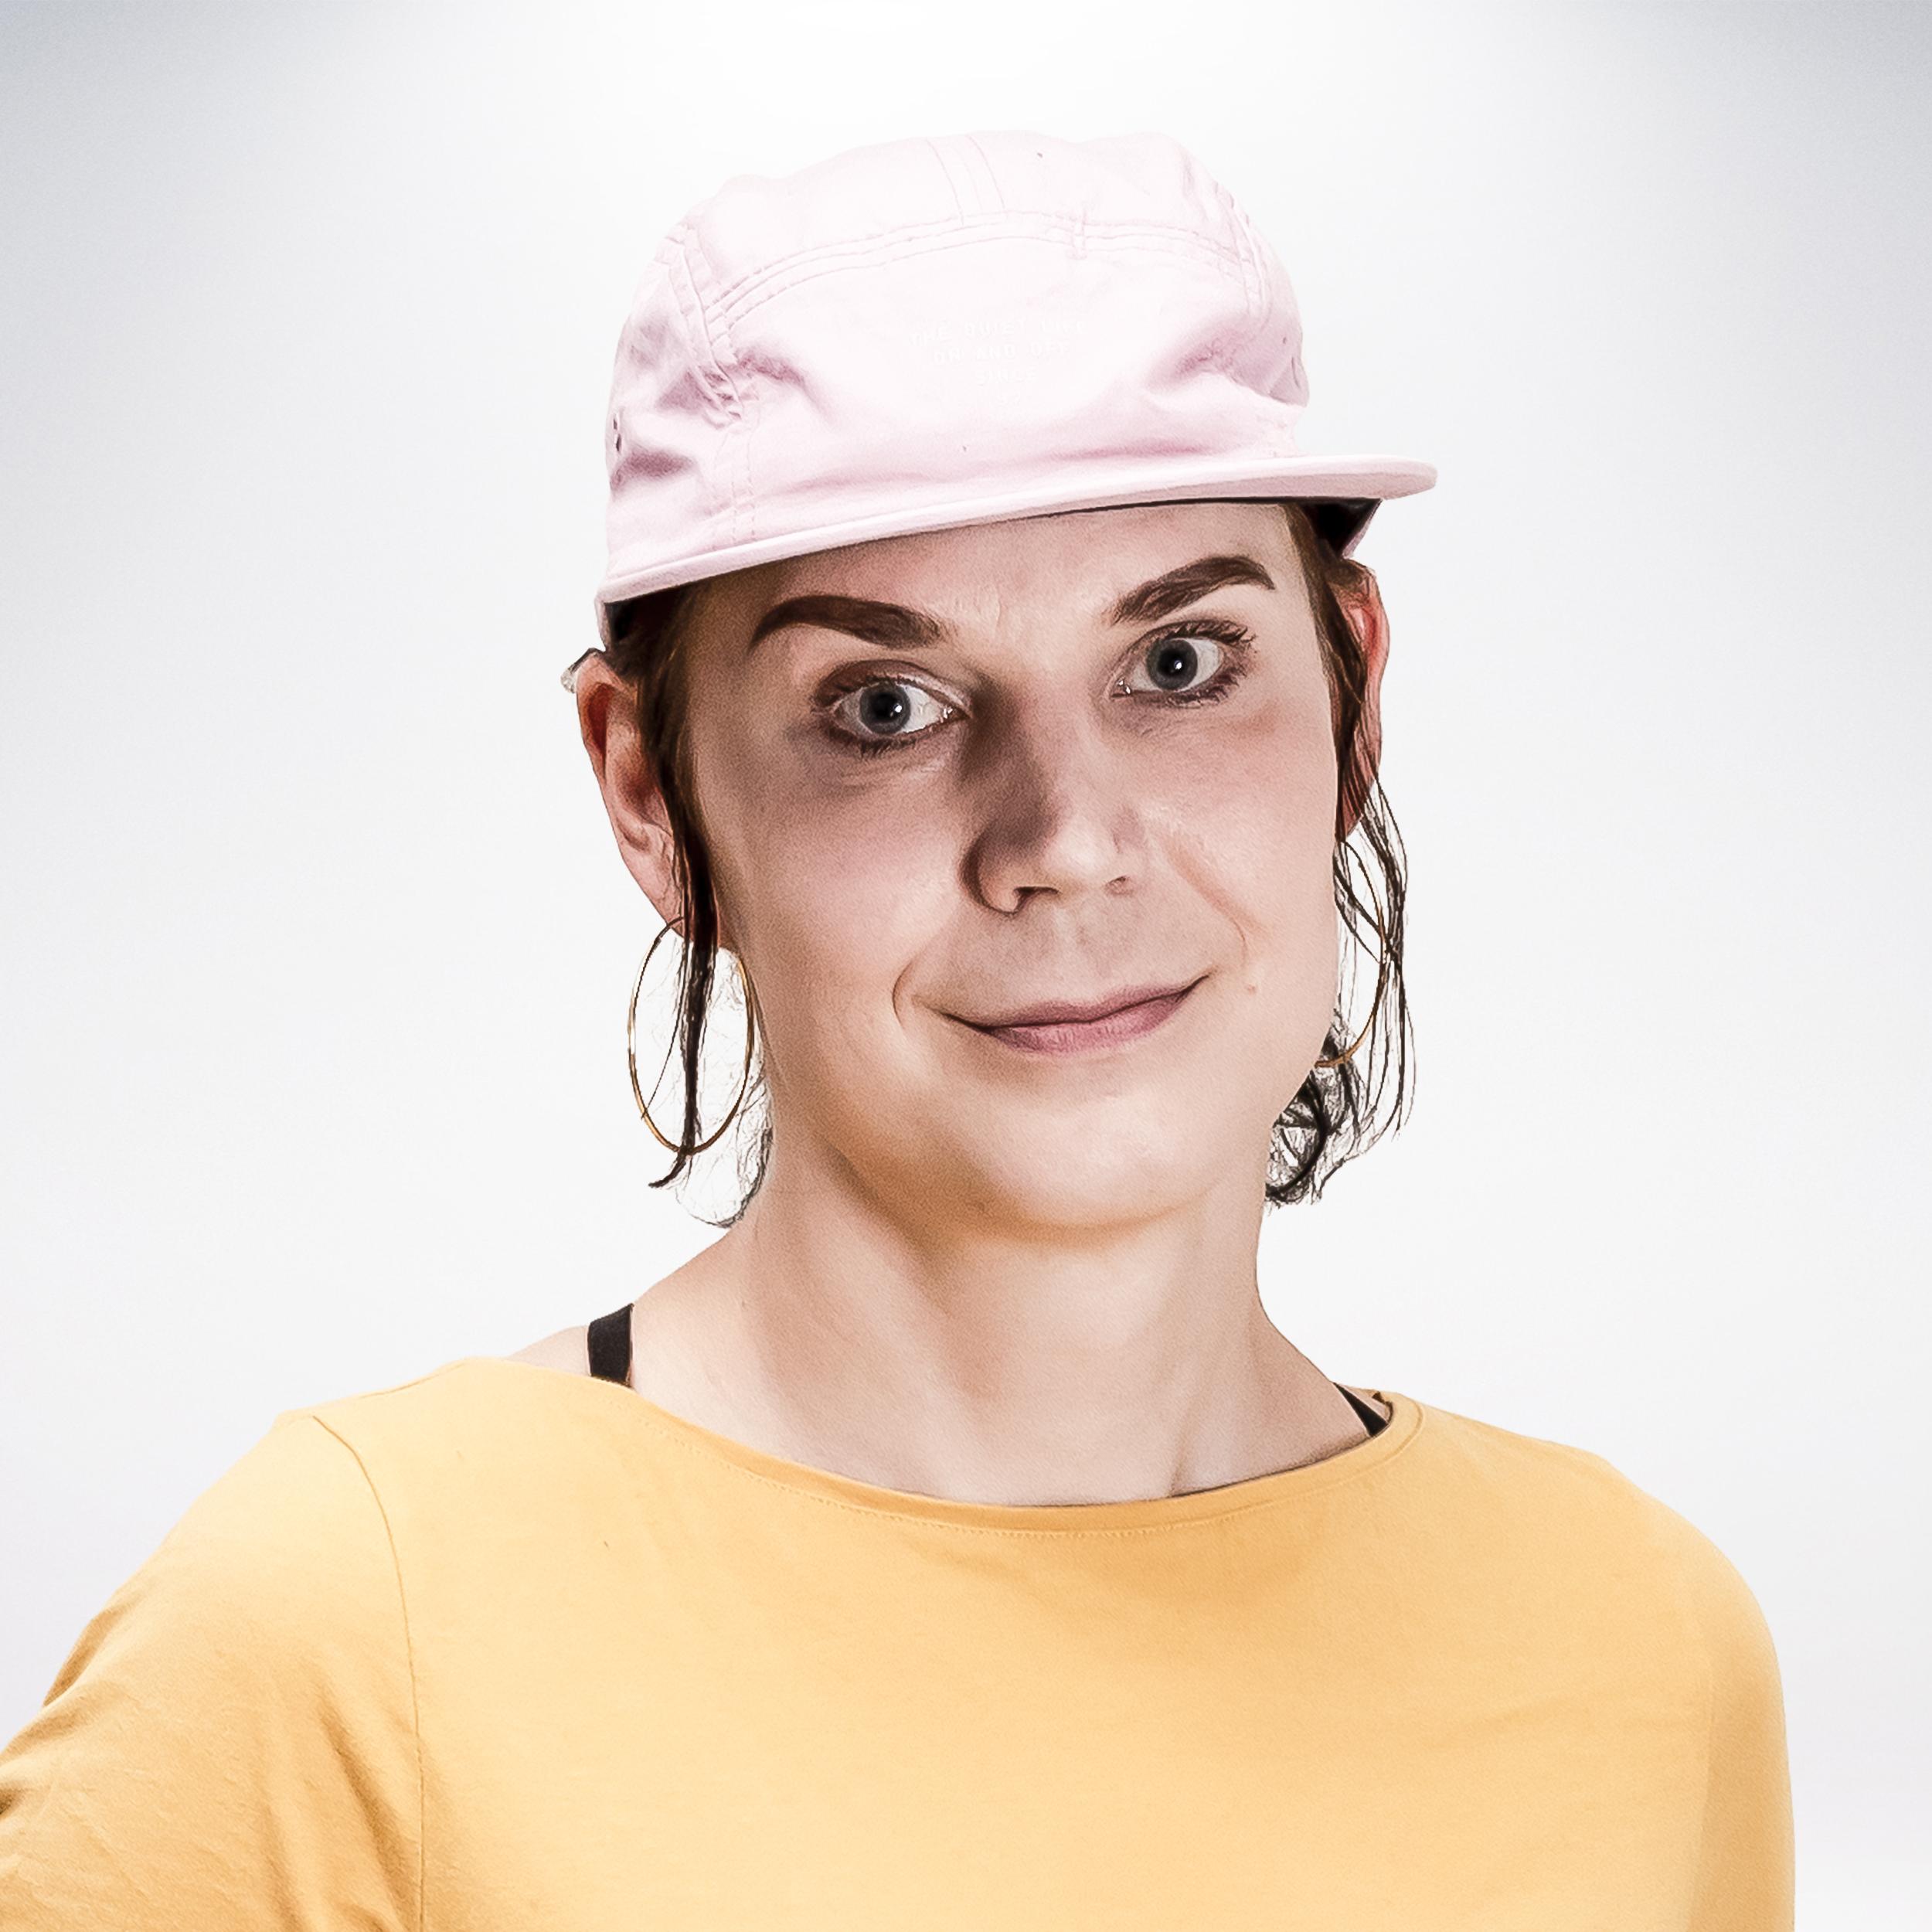 ENNI KALILAINEN   42, Espoo, @enni_kalilainen  Sponsors : -